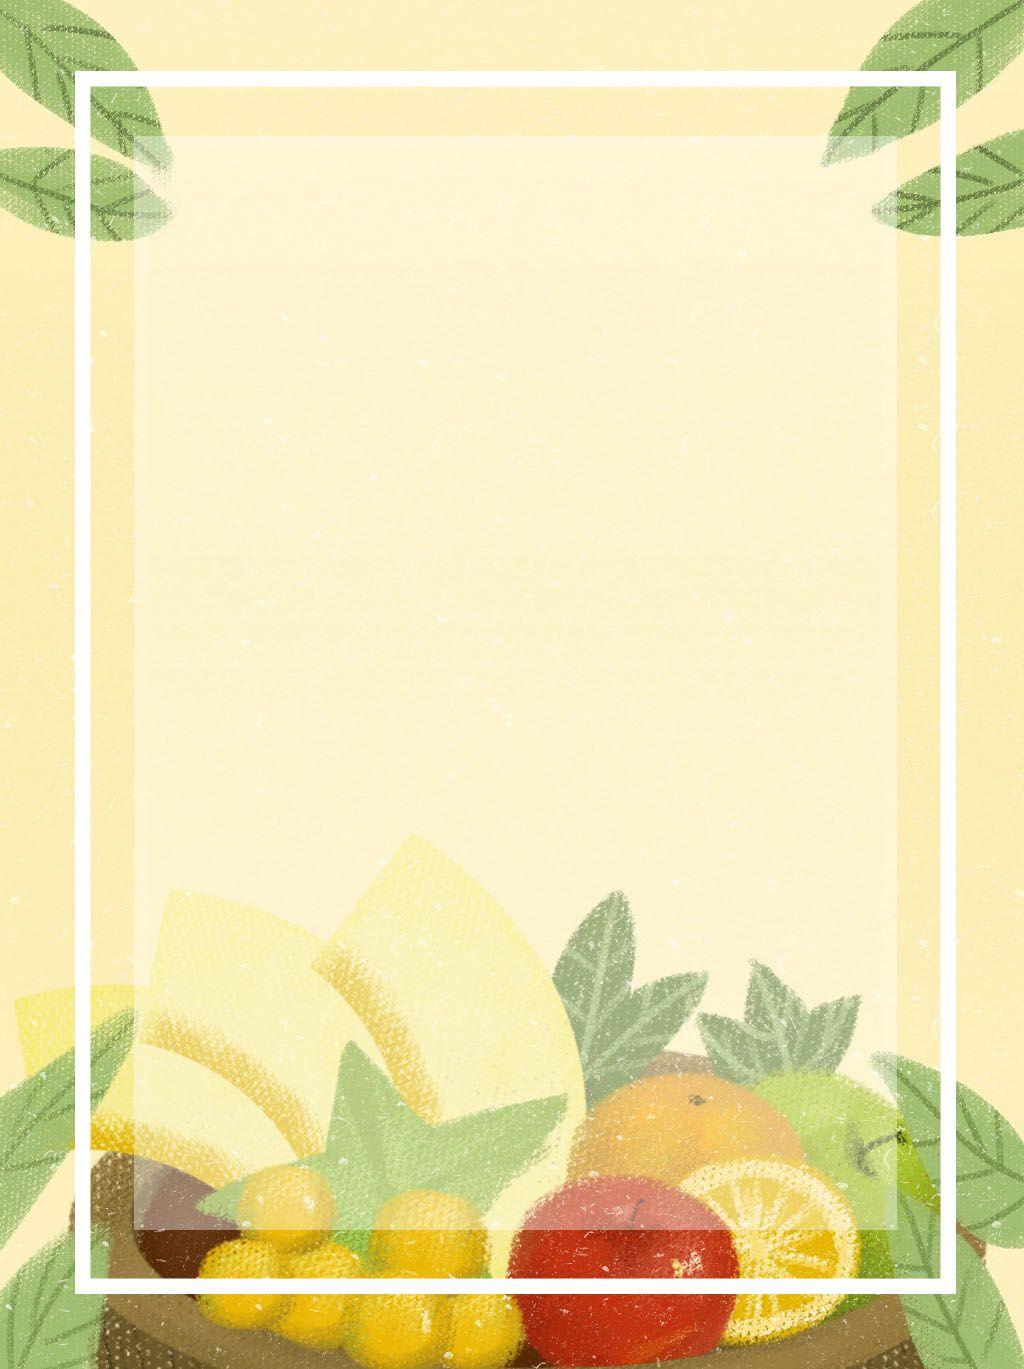 الفاكهة سلة خلفية Fondos De Frutas Fondo De Verduras Frutas Y Verduras Fotos